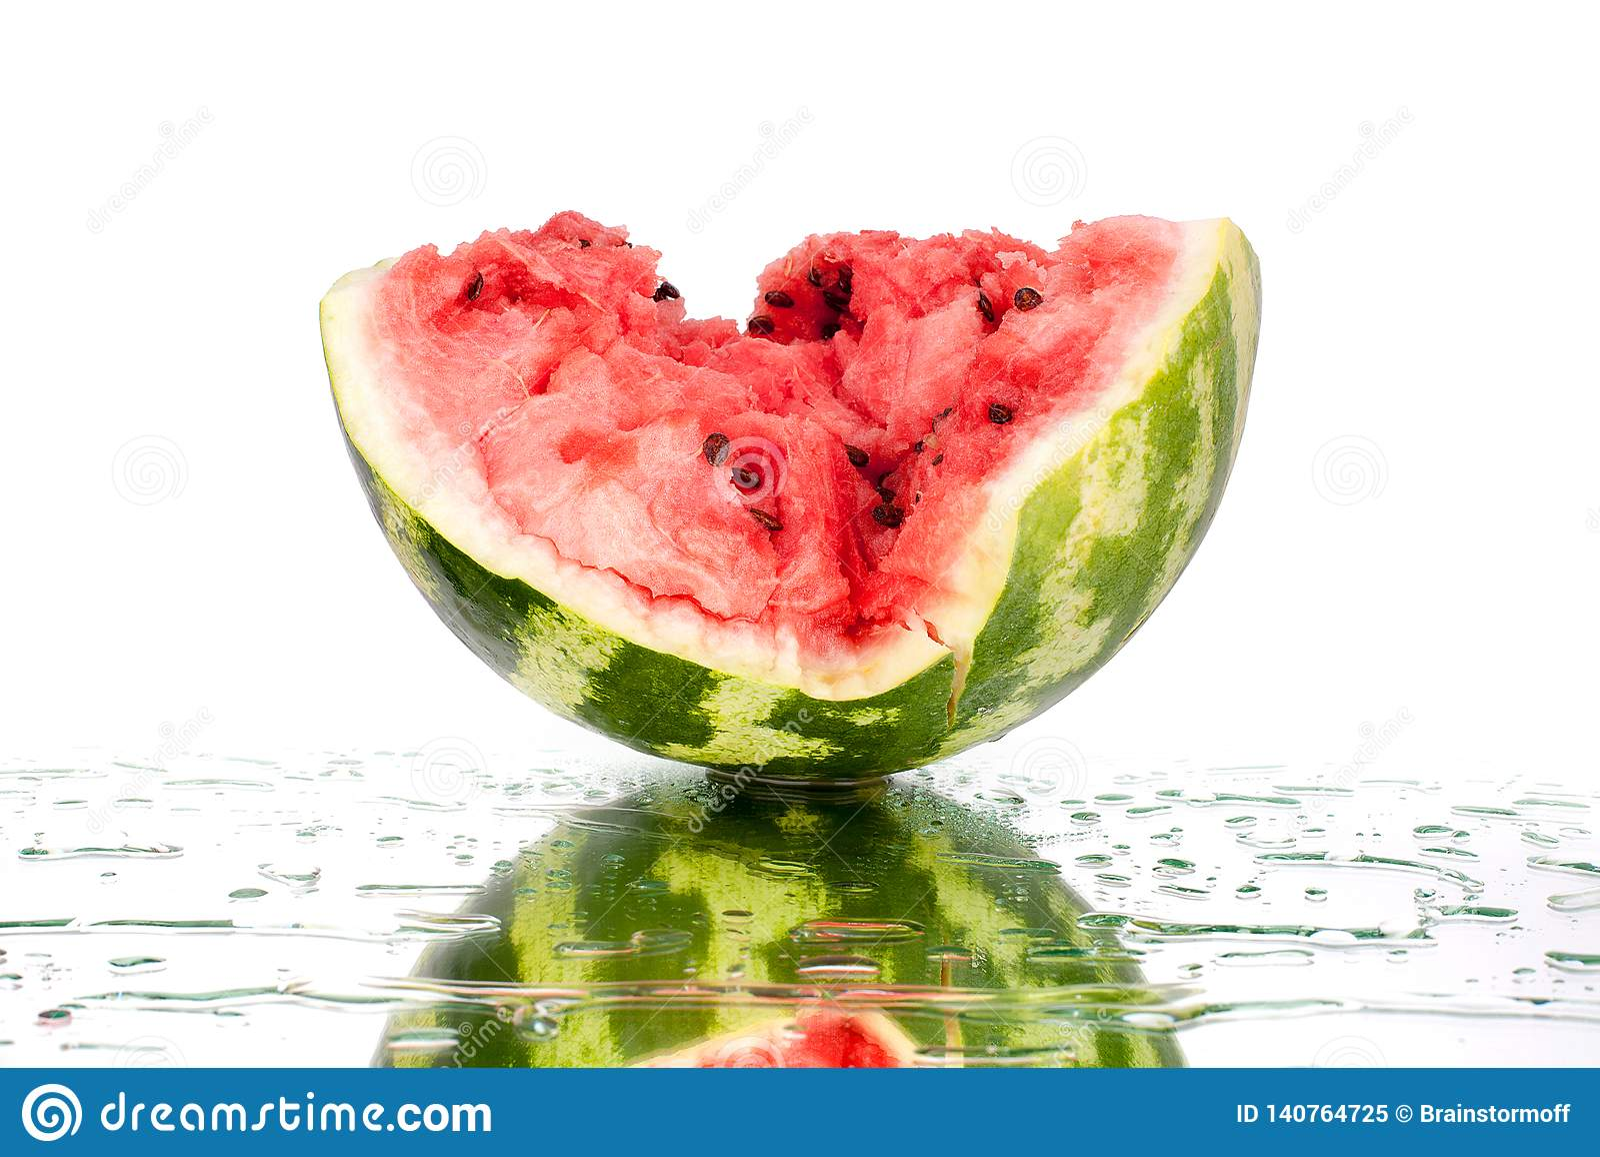 Watermeloen half stuk met barsten en waterdalingen op witte spiegelachtergrond met dicht omhoog geïsoleerde bezinning